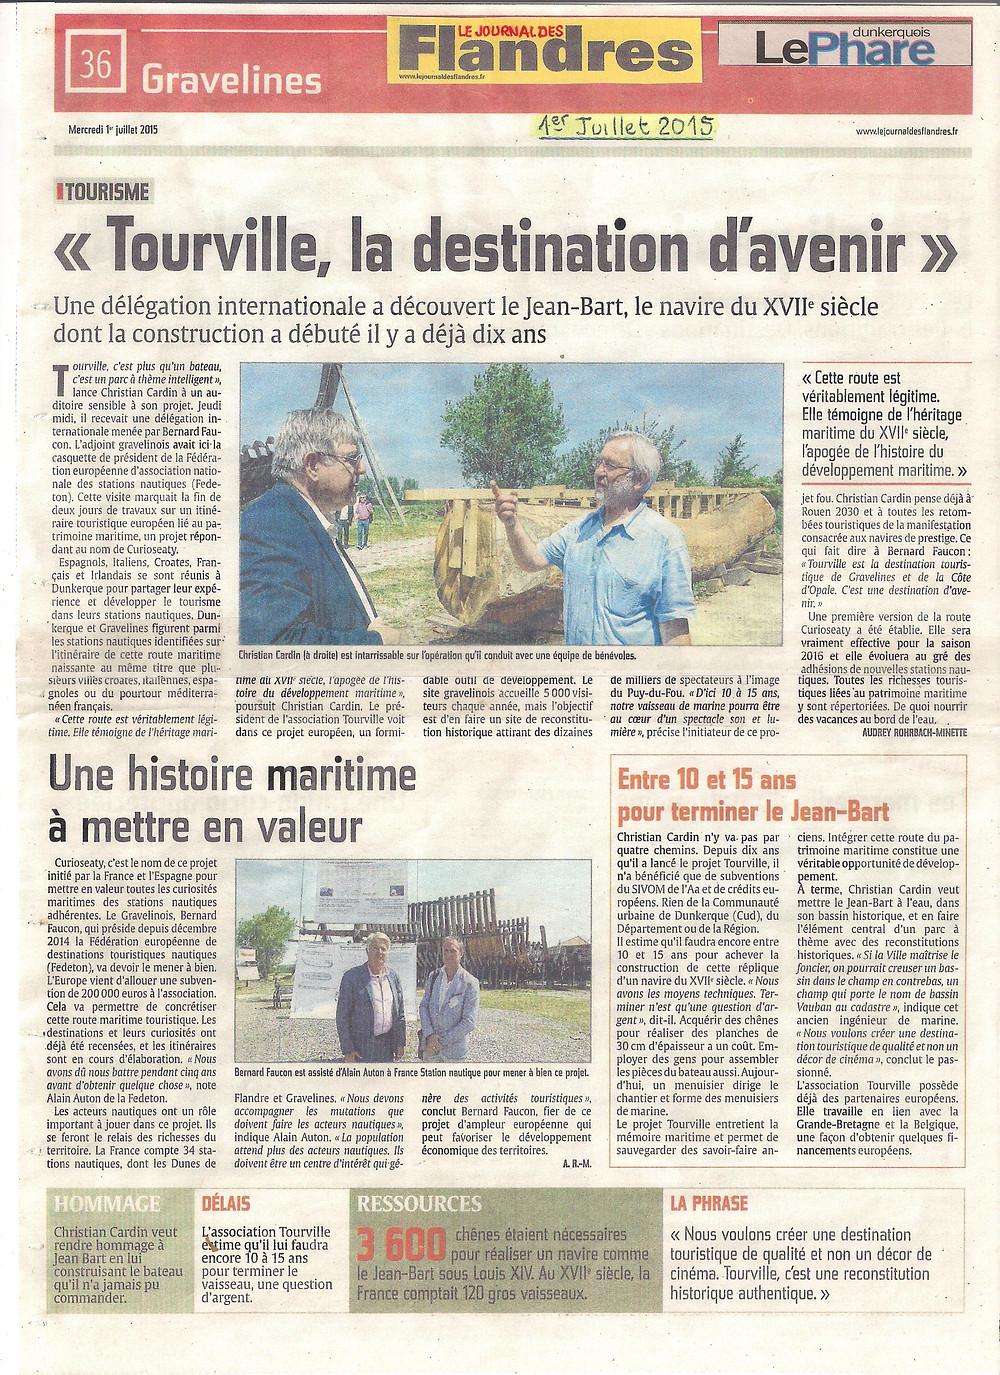 journal des flandres delegation france station nautique (2).jpg